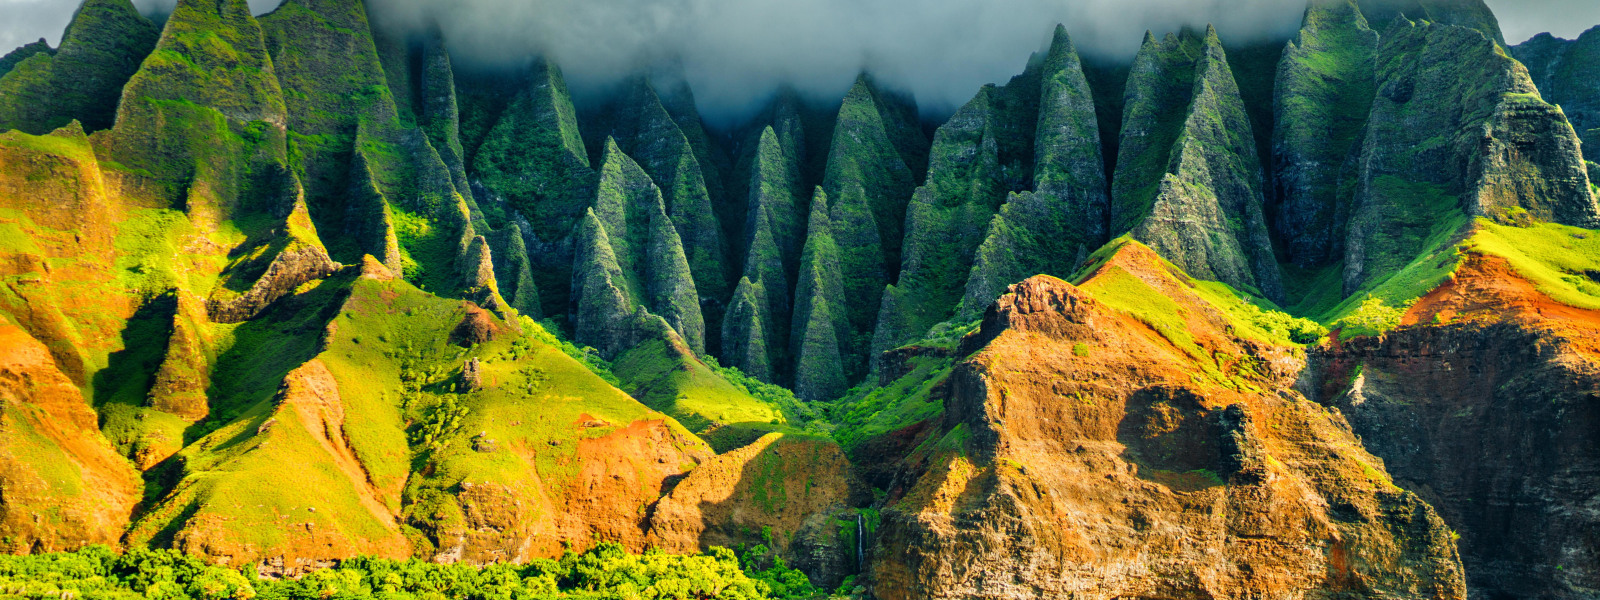 Kauaʻi-Tour-Guide